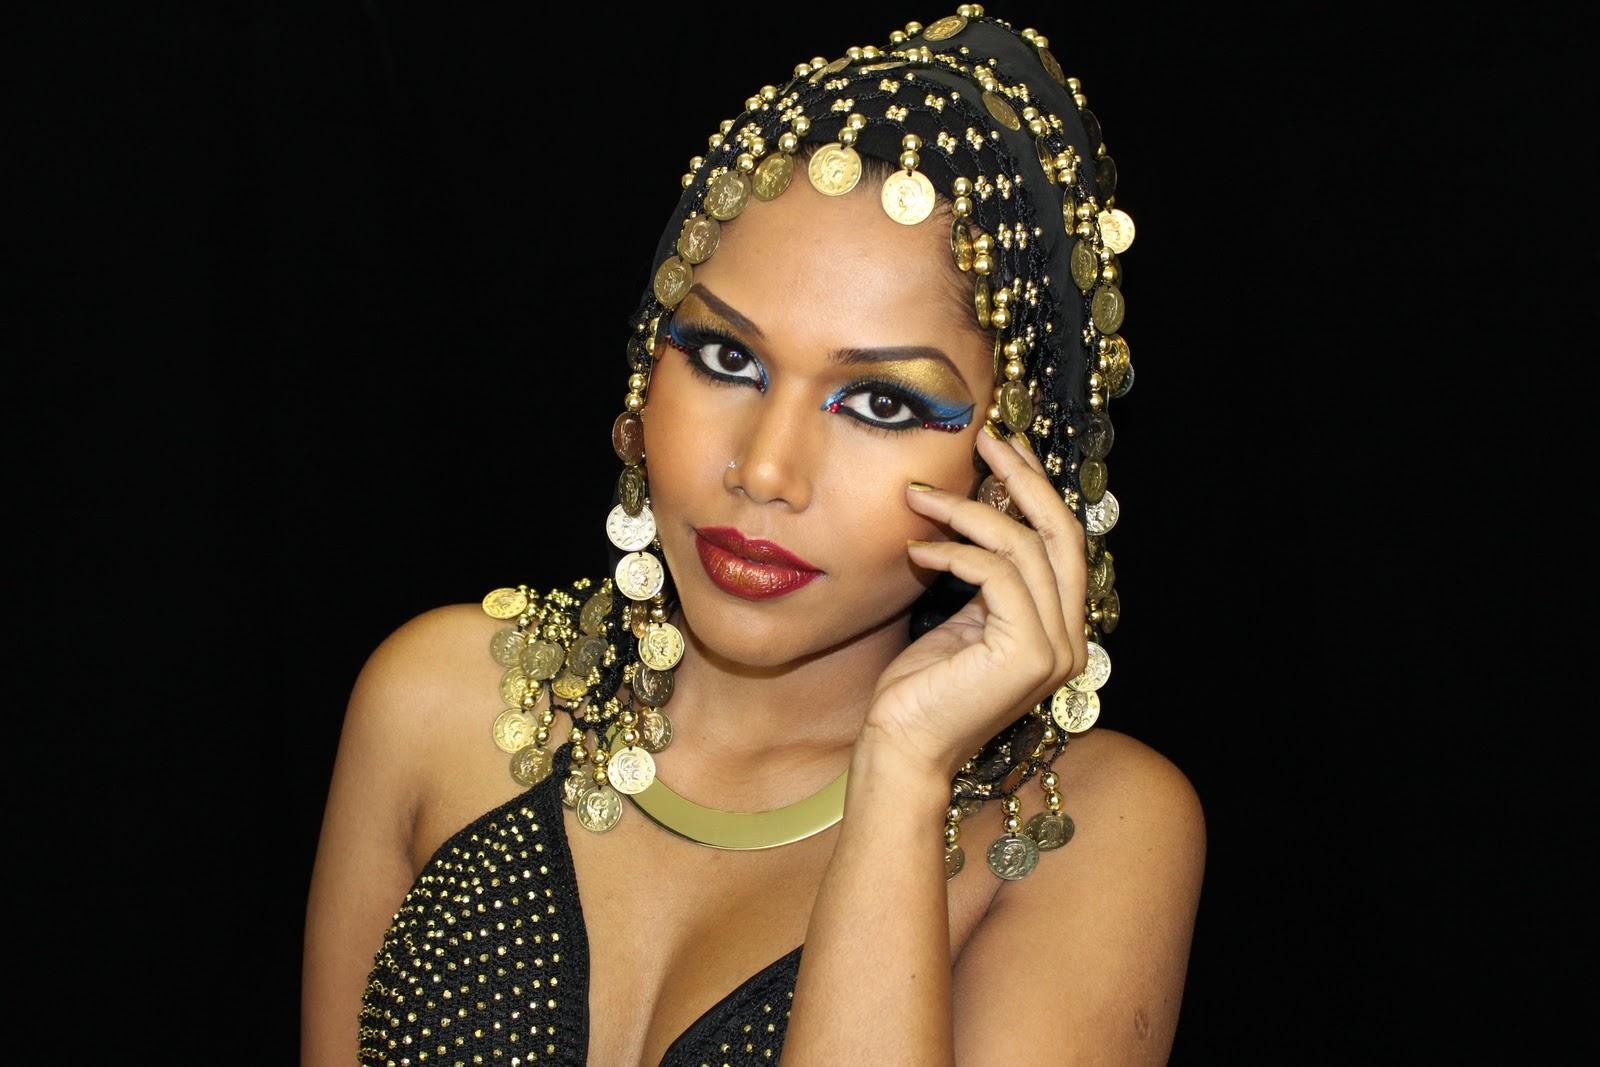 Umamakeuphdtv Queen Cleopatra Inspired Makeup Look For